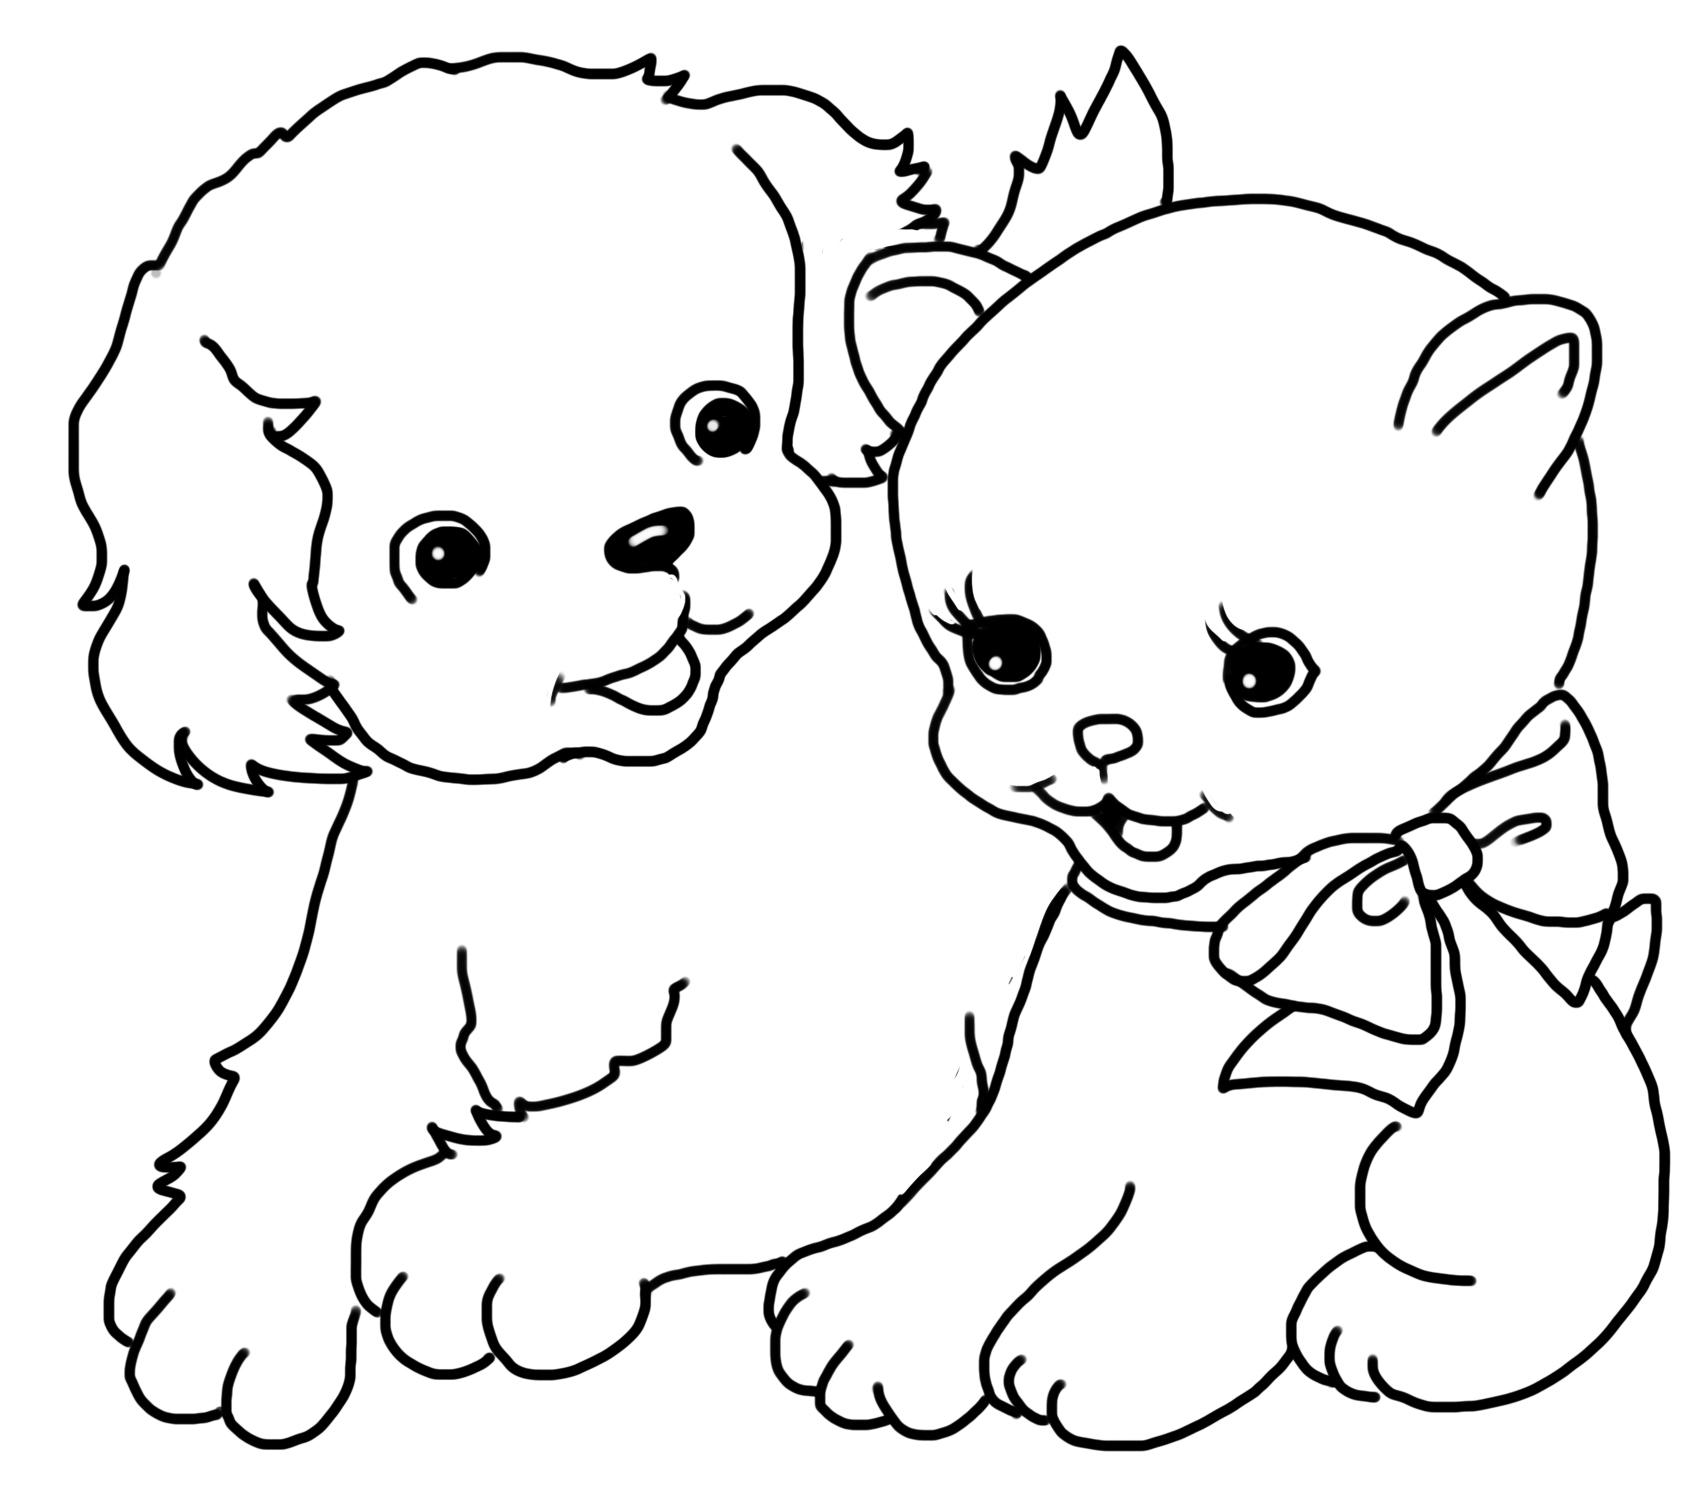 Tranh tô màu mèo và chó cực xinh